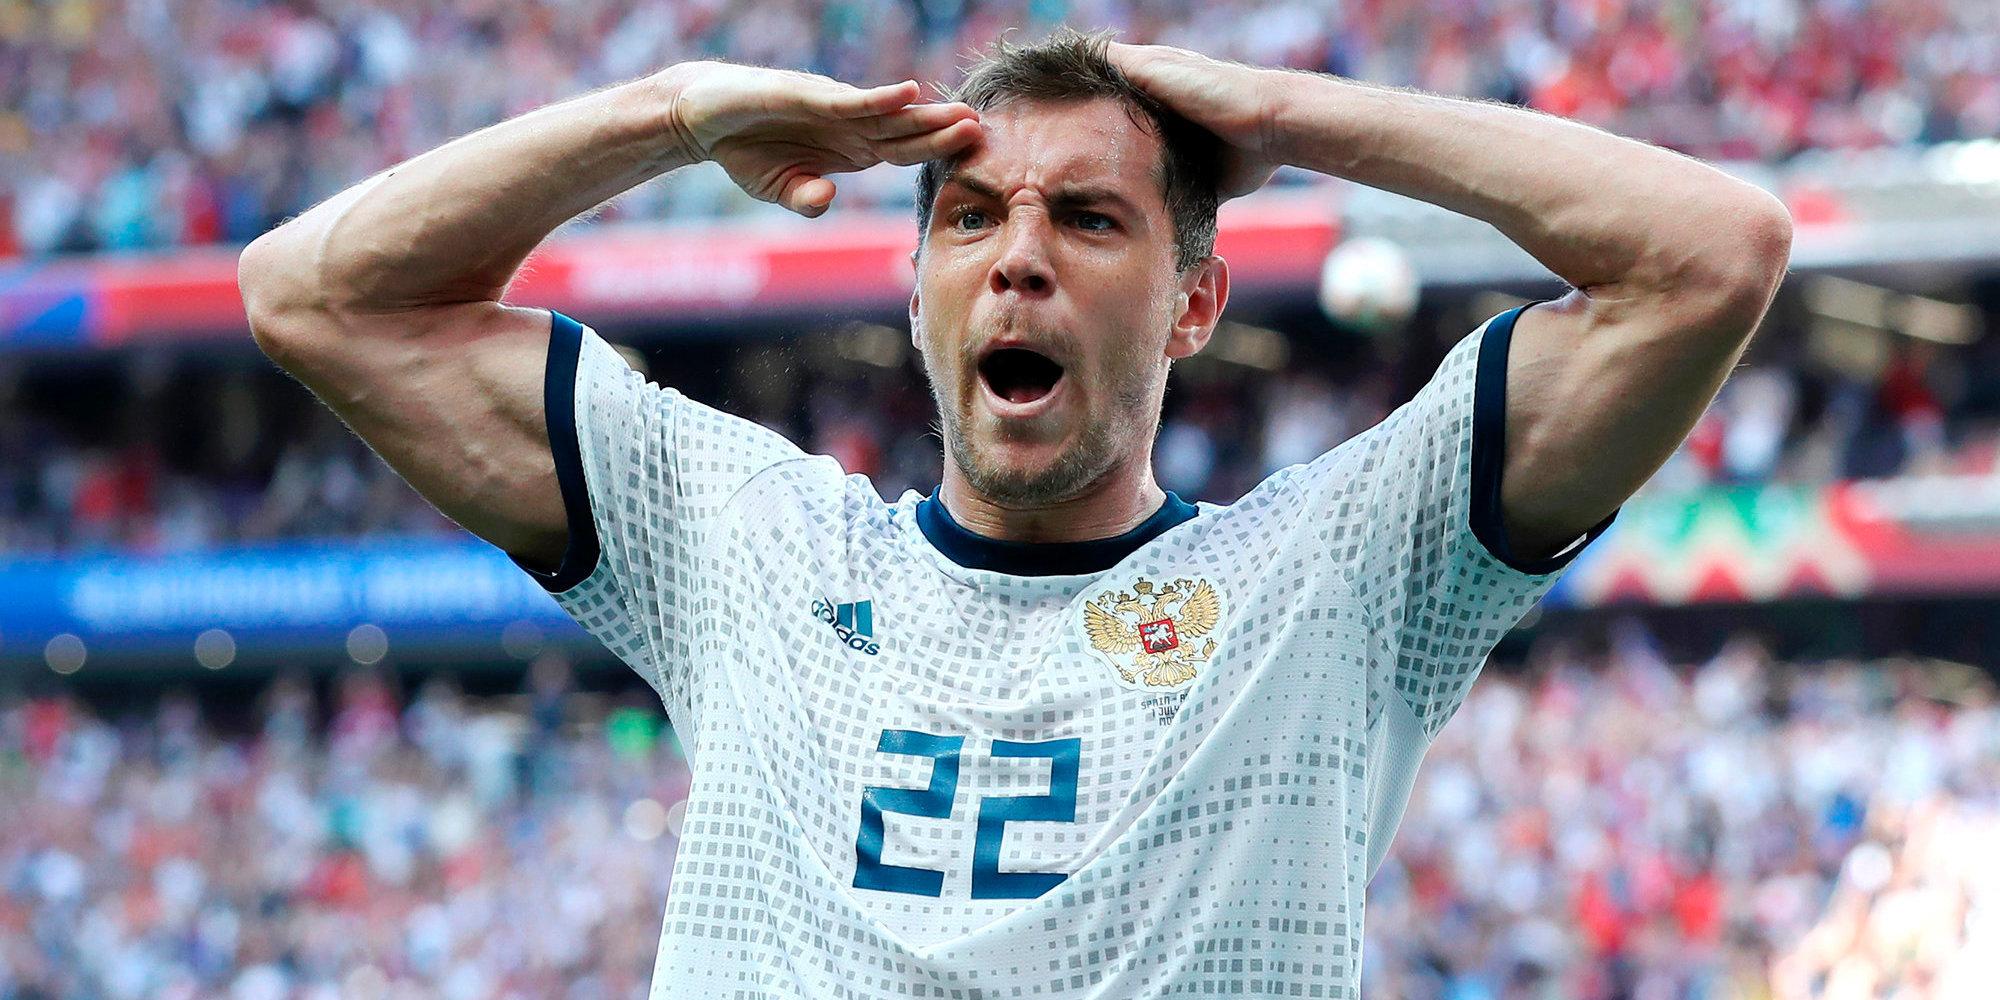 Артём Дзюба — звезда Чемпионата мира по футболу 2018 года